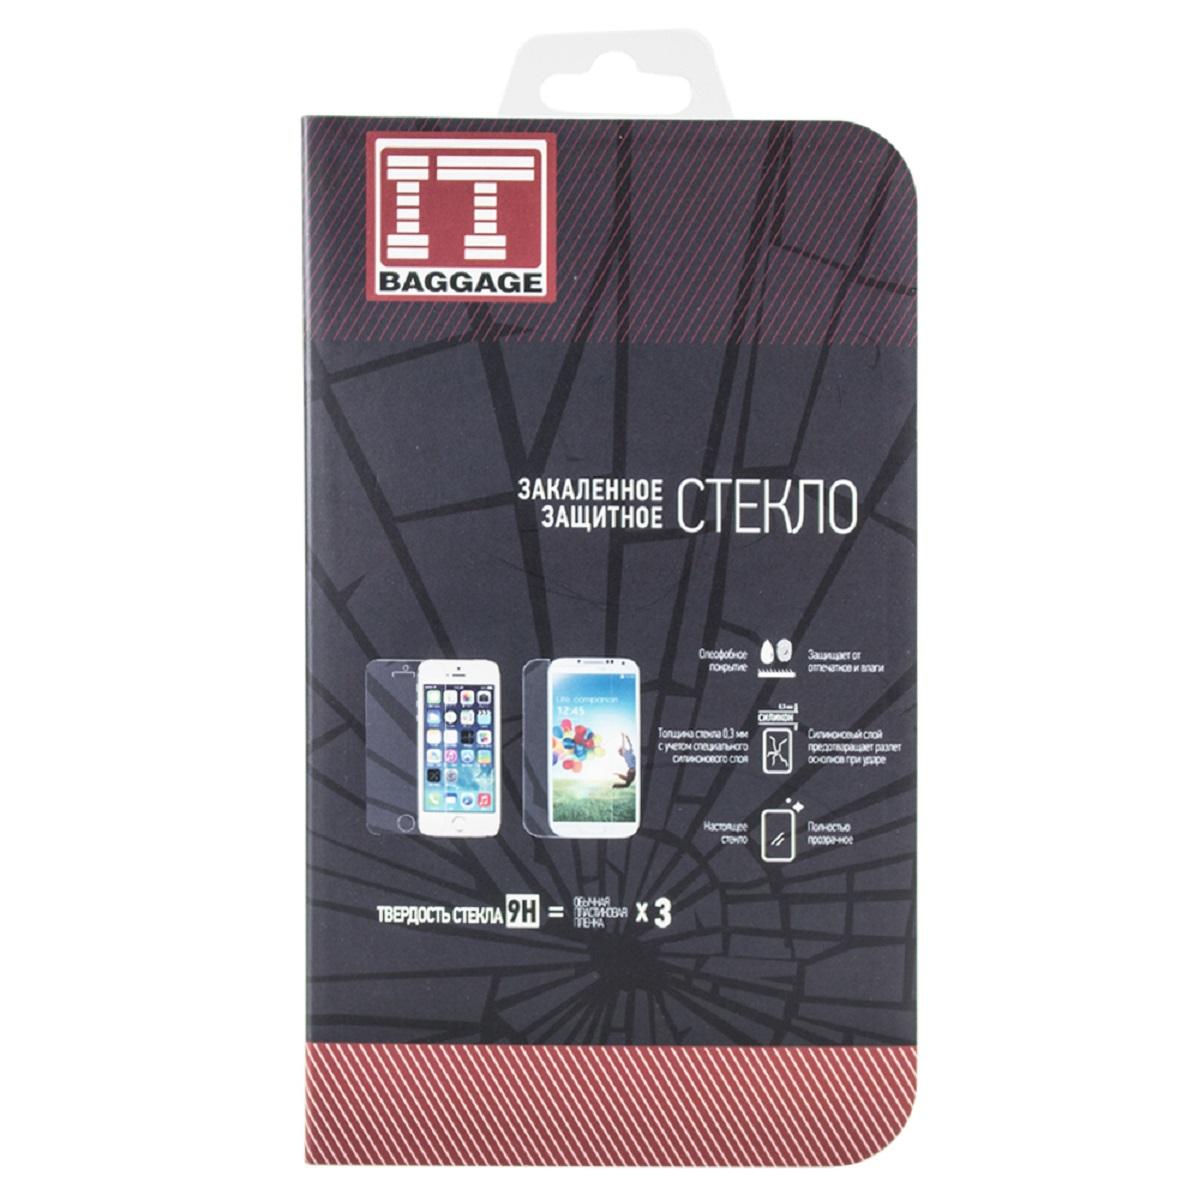 IT Baggage защитное стекло для Lenovo A1000ITLNA1000GЗакаленное стекло IT Baggage для Lenovo A1000 - это самый верный способ защитить экран от повреждений и загрязнений. Обладает высочайшим уровнем прозрачности и совершенно не влияет на отклик экранного сенсора и качество изображения. Препятствует появлению отпечатков и пятен. Удалить следы жира и косметики с поверхности аксессуара не составить ни какого труда.Характеристики защитного стекла делают его износостойким к таким механическим повреждениям, как царапины, сколы, потертости. При сильном ударе разбившееся стекло не разлетается на осколки, предохраняя вас от порезов, а экран устройства от повреждений.После снятия защитного стекла с поверхности дисплея, на нем не остаются повреждения, такие как потертости и царапины.